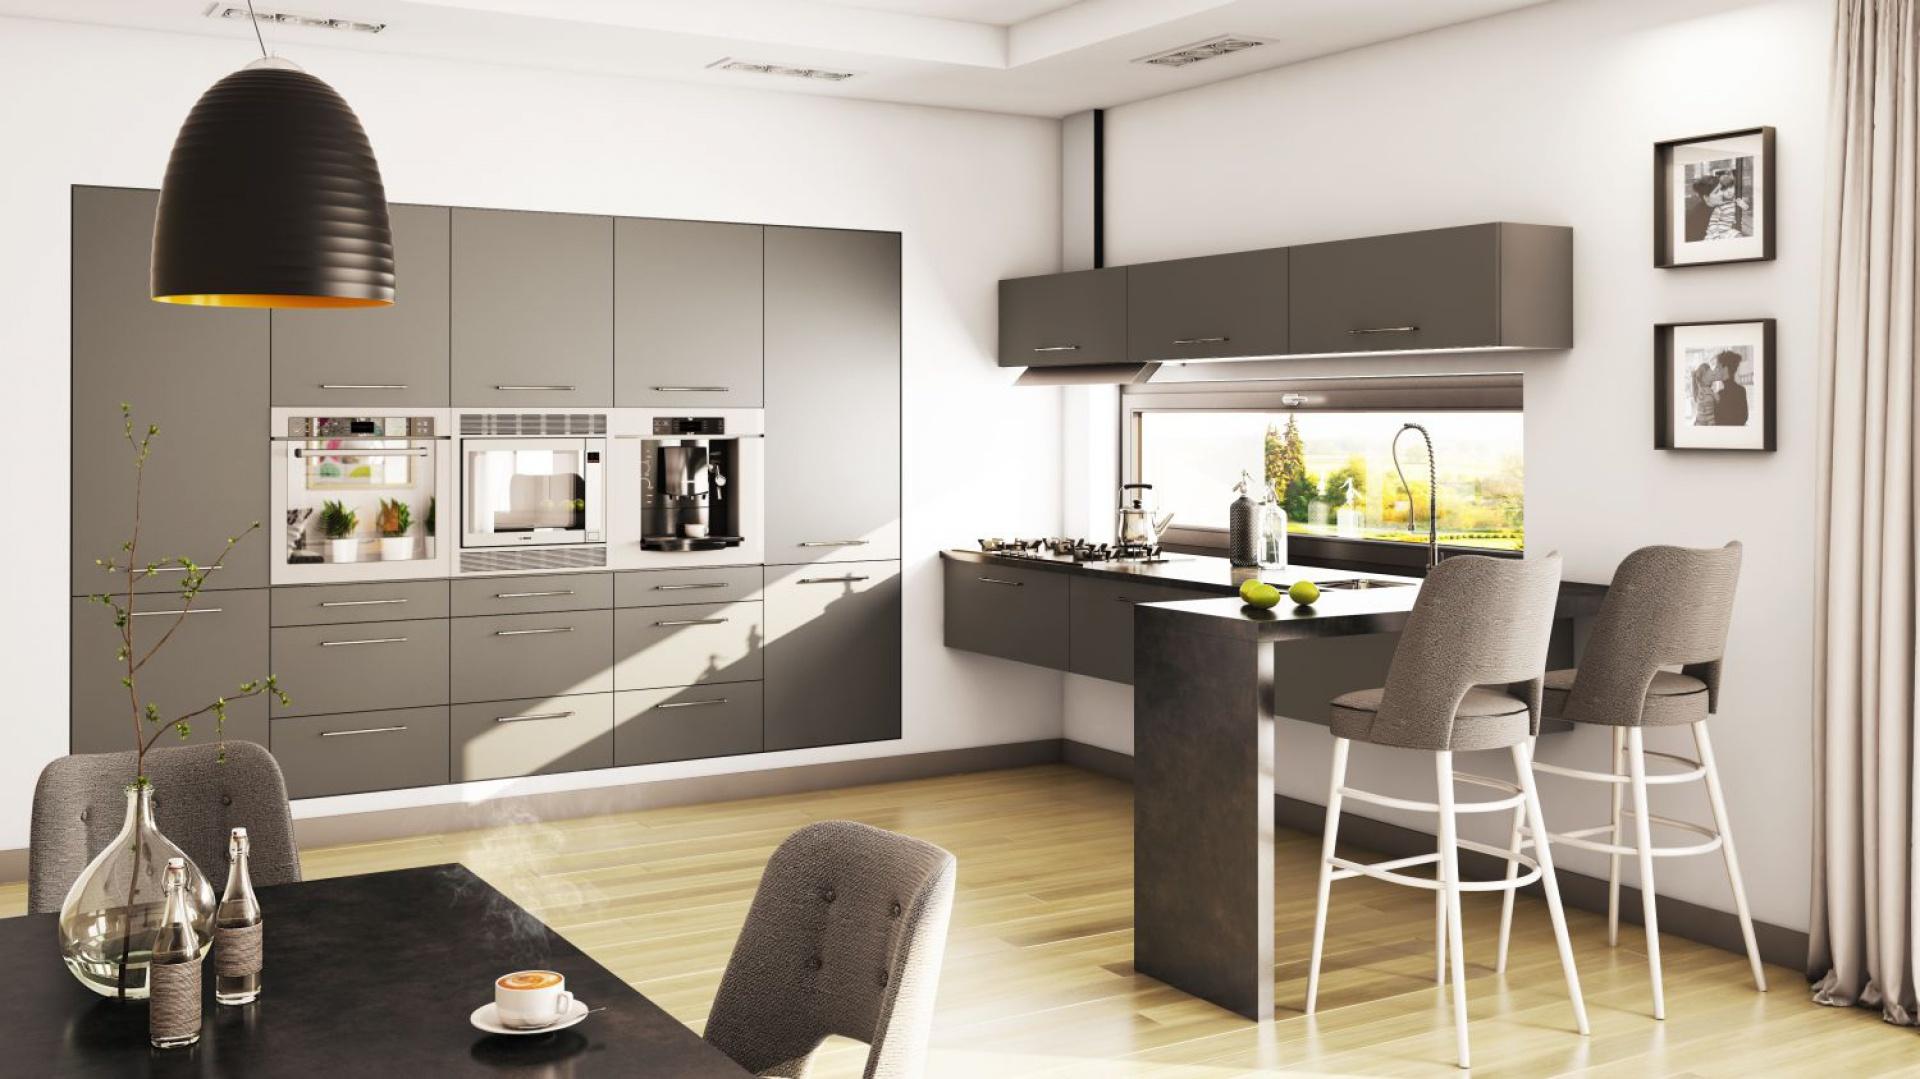 W tej kuchni wszystko jest szare - również wysoka zabudowa, która swoimi matowymi frontami kontrastuje z białą ścianą, w której wnękę została wpisana. Fot. Moelke Kuchnie, kuchnia Moelkepunto Grafit.